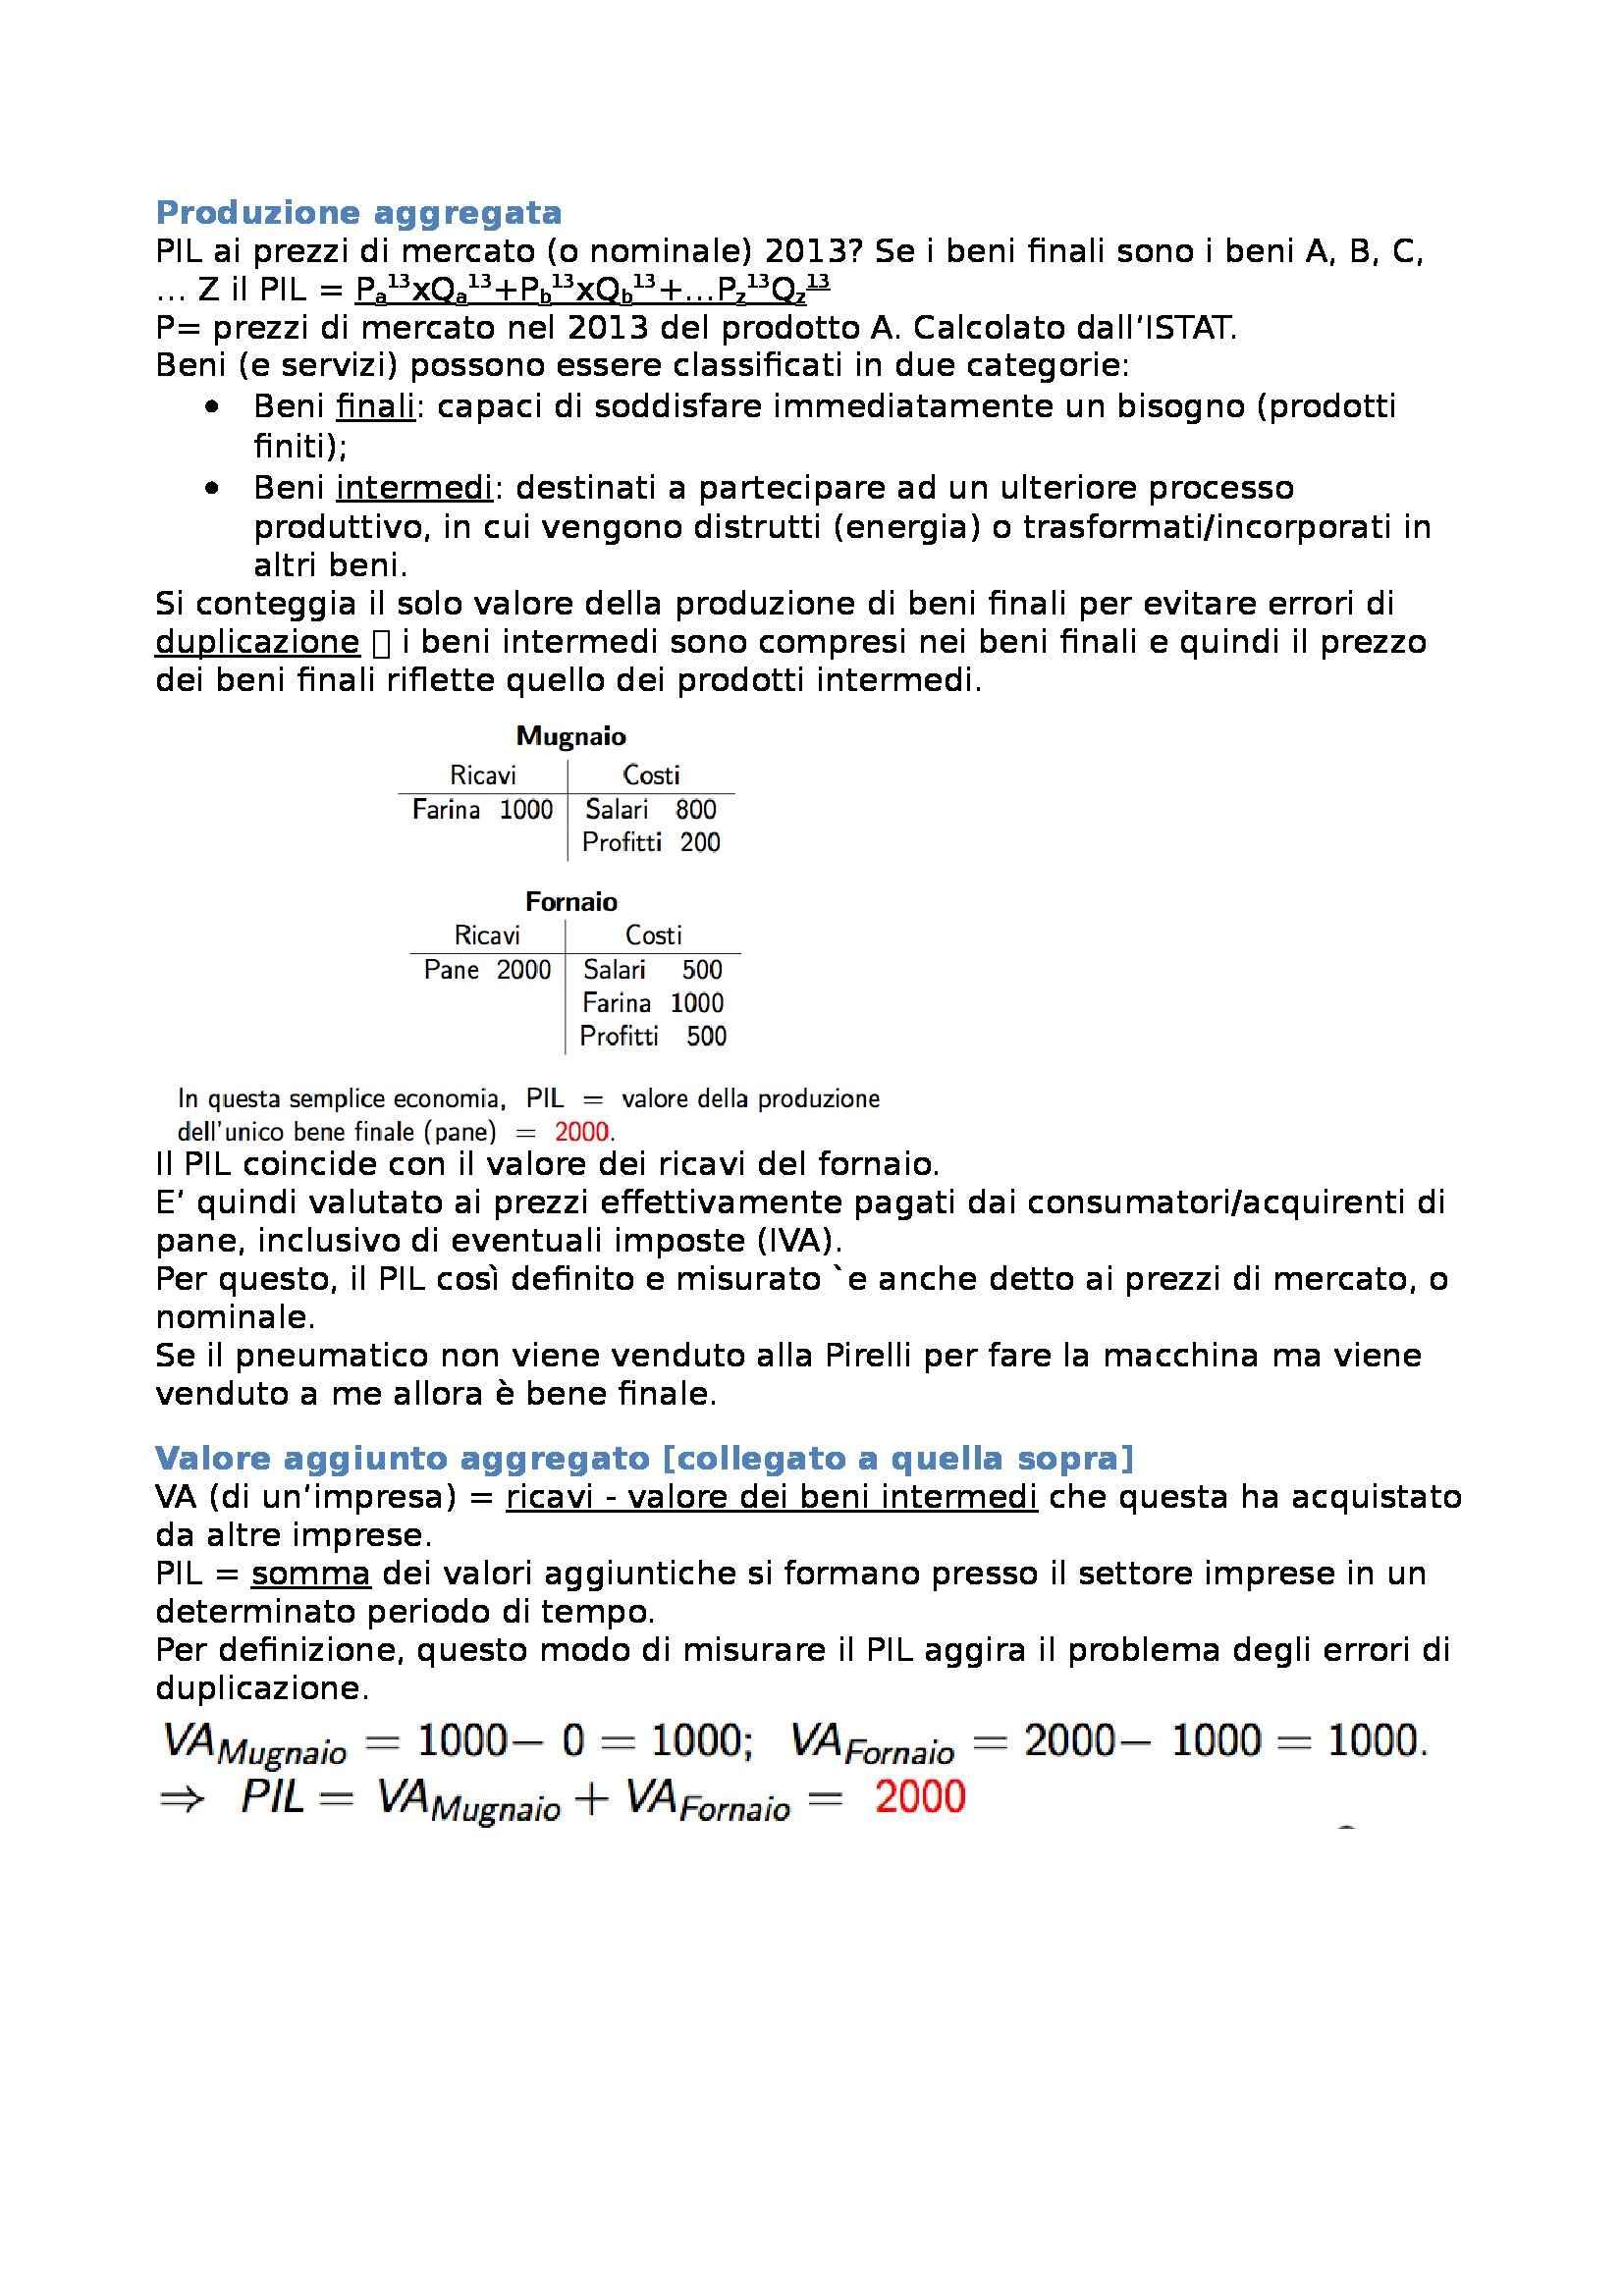 Macroeconomia - Appunti capitolo 2 Pag. 2